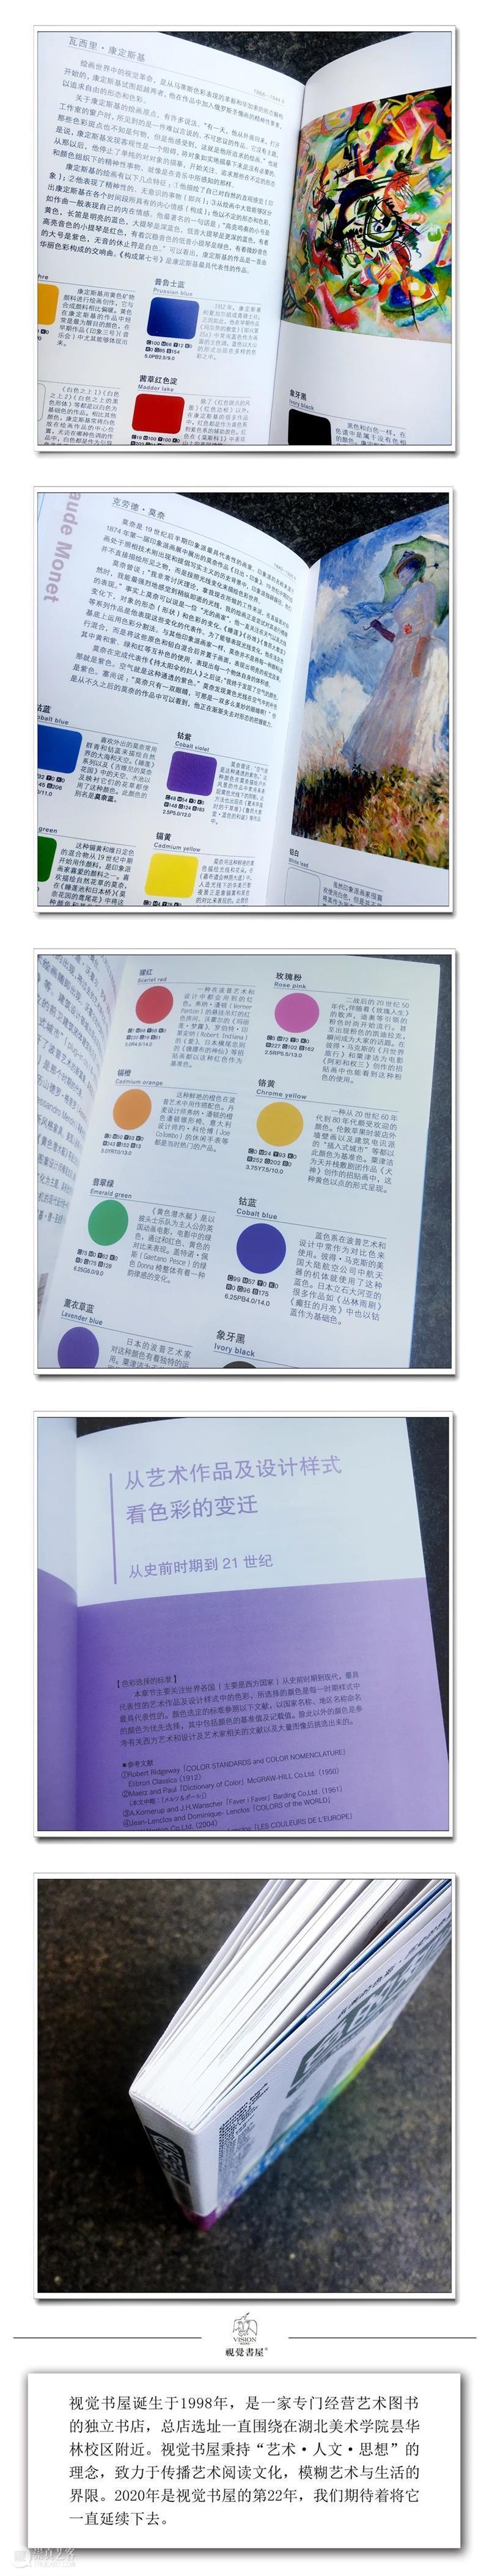 一日一书 | 色的知识:环游世界所收集的550种色彩 崇真艺客